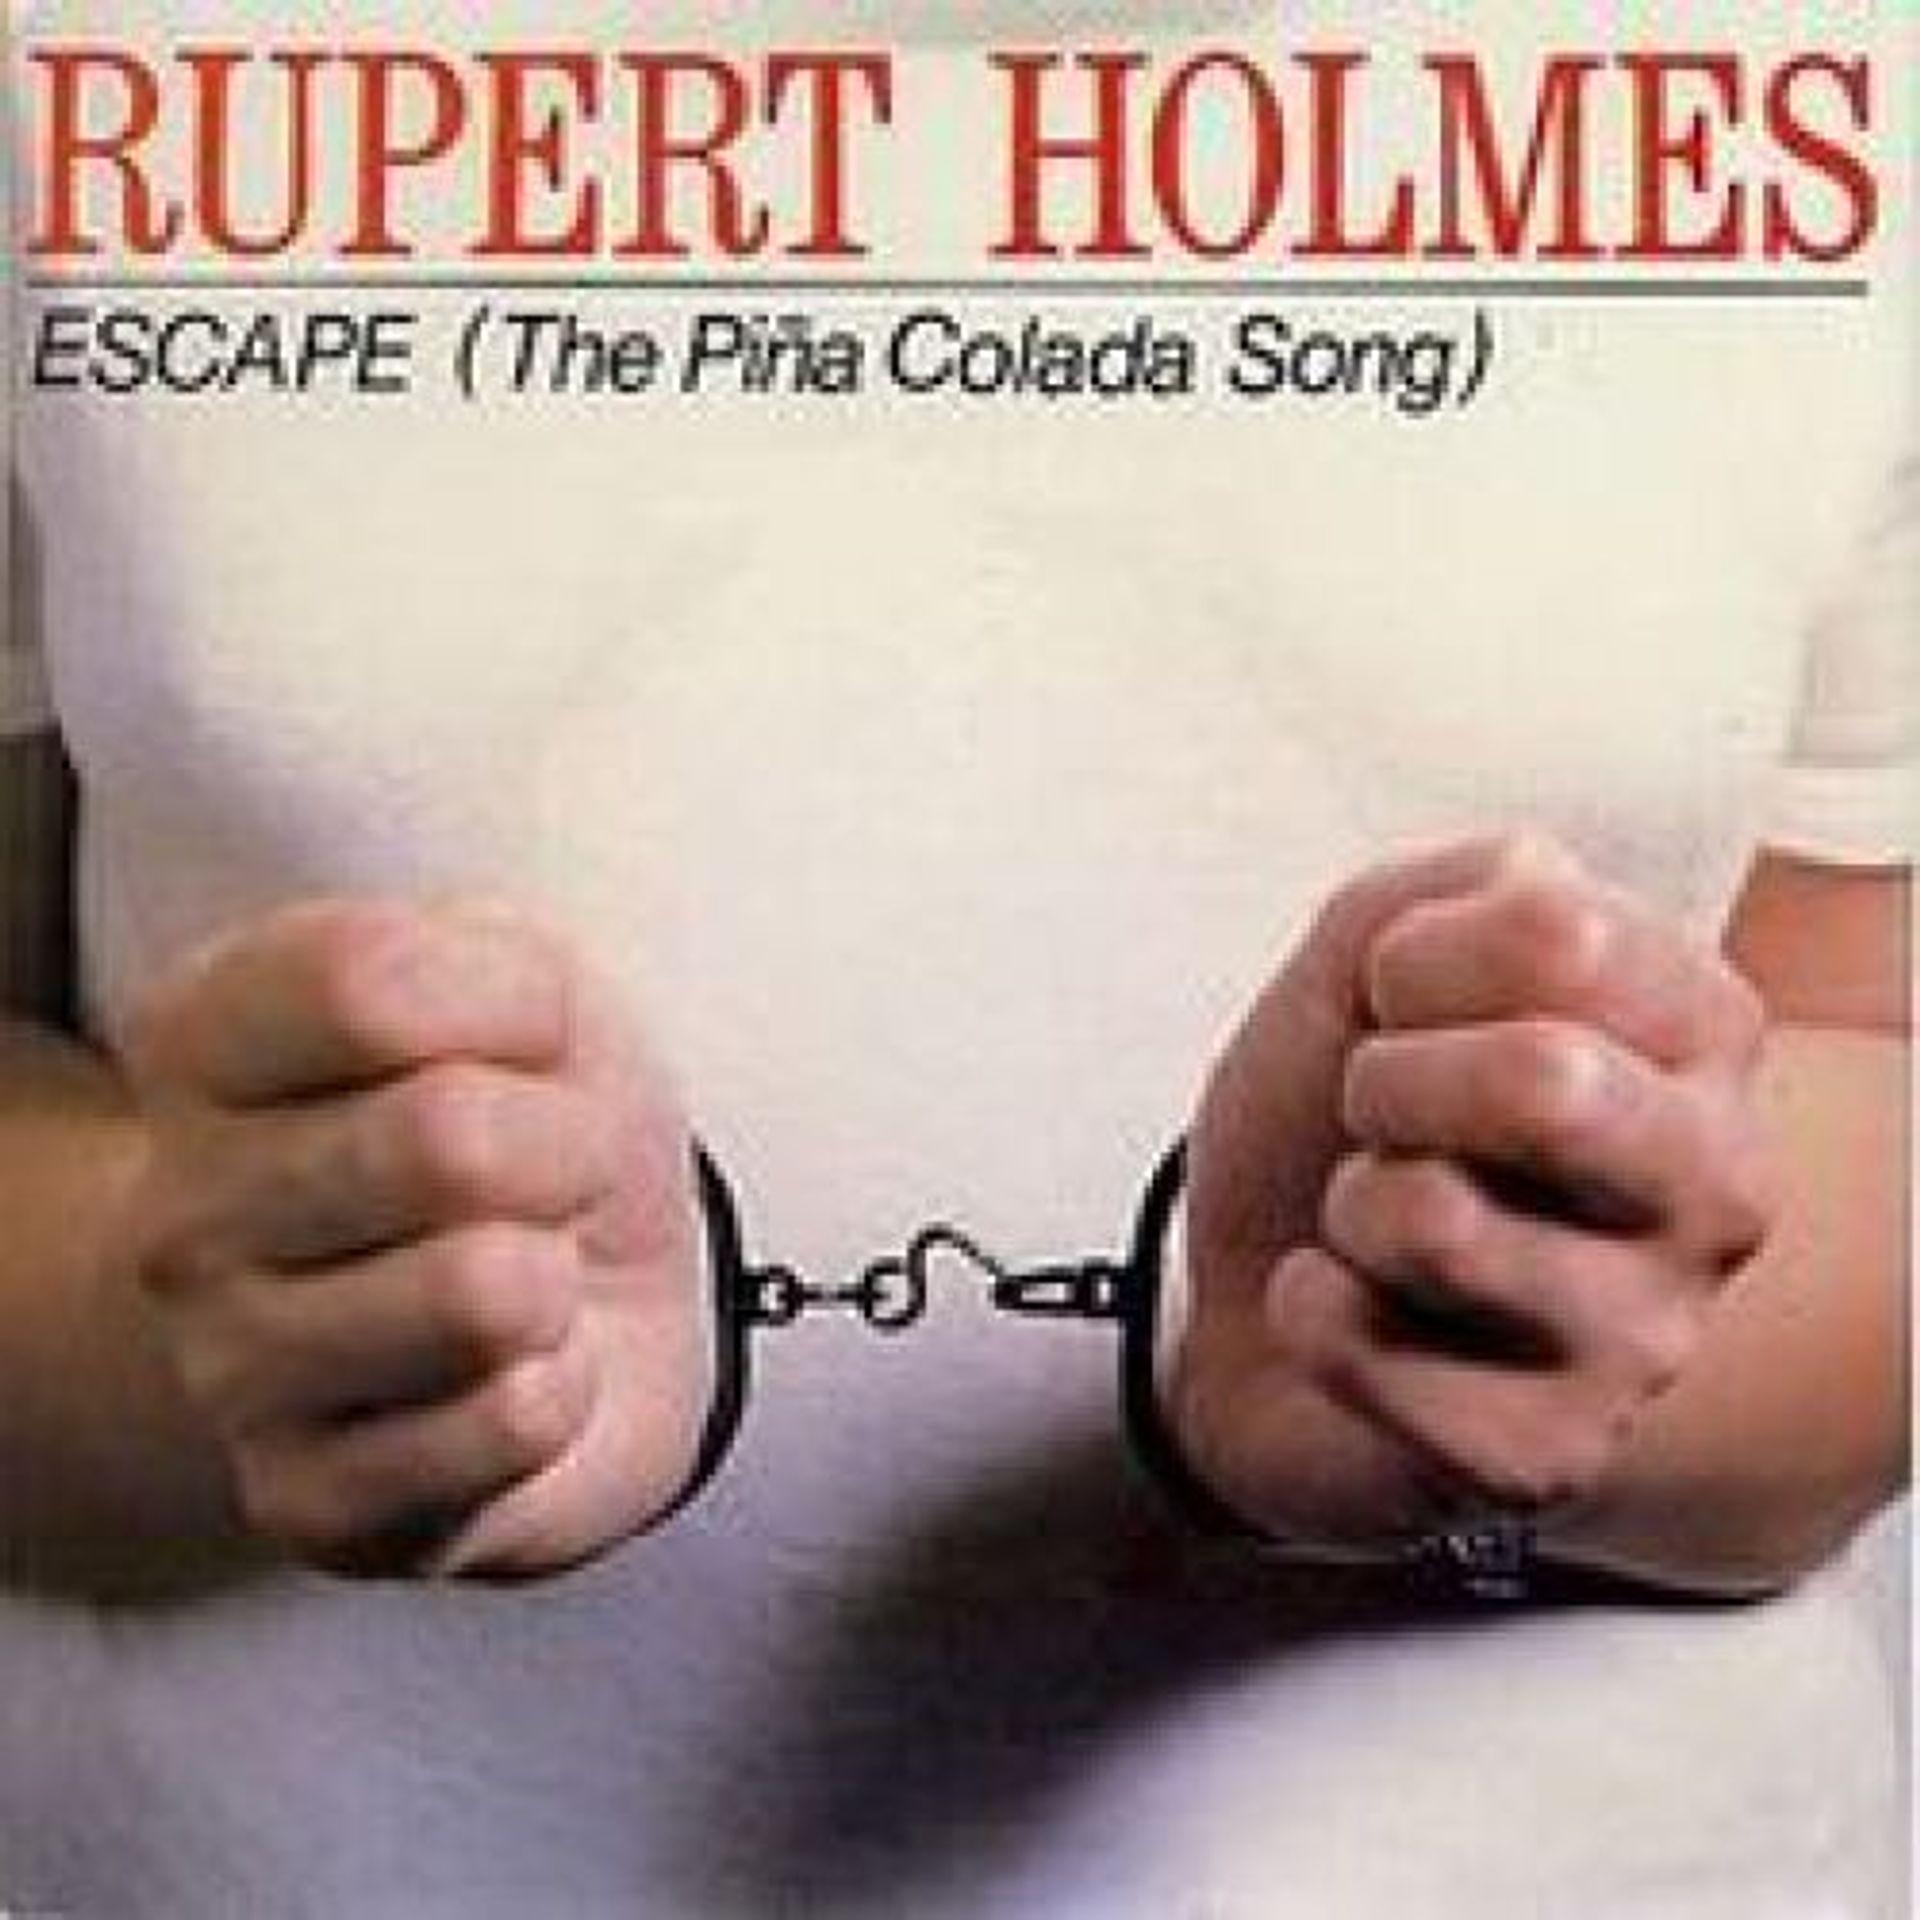 ESCAPE (PINA COLADA SONG)